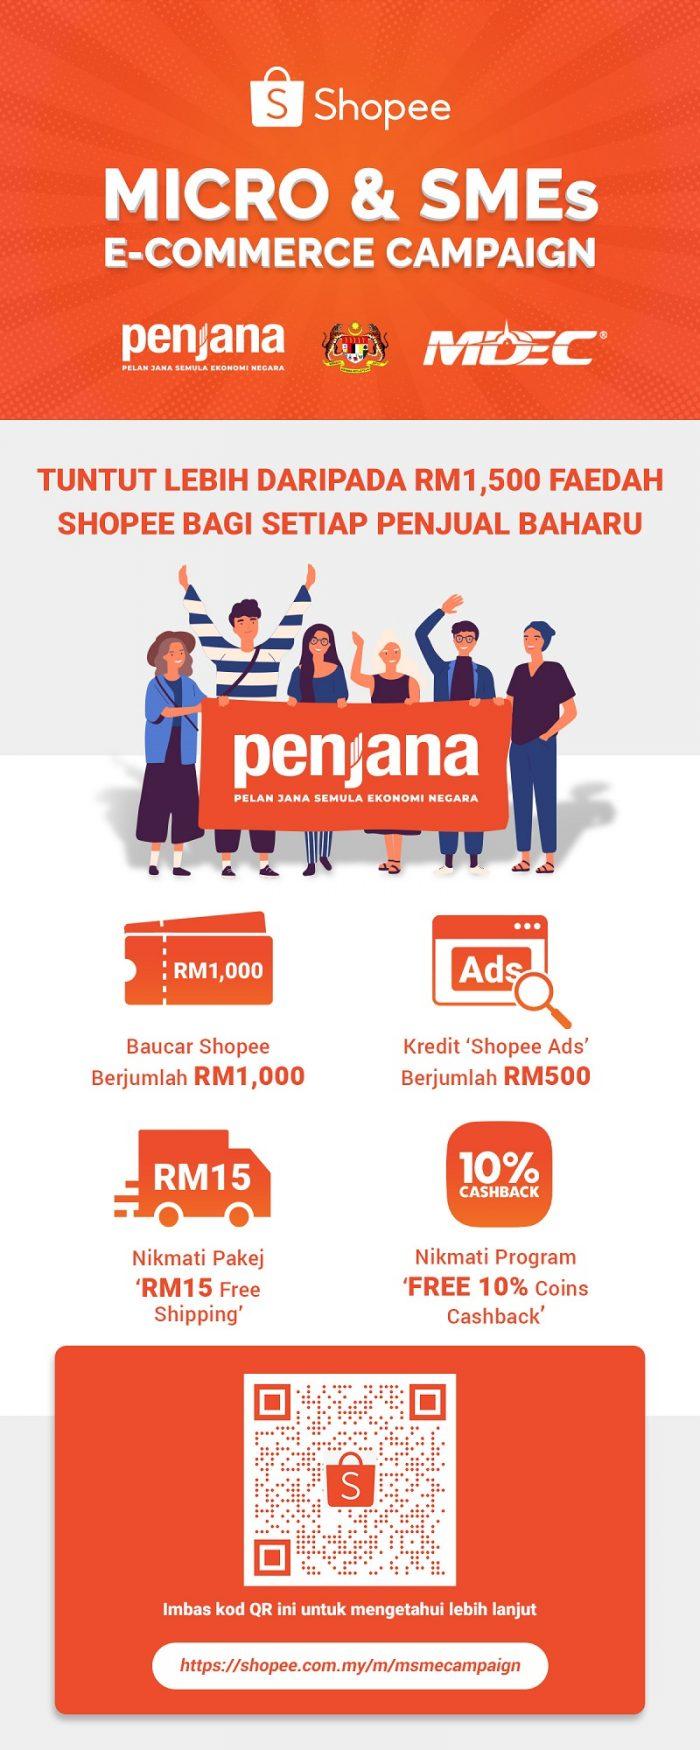 Manfaat Berjumlah Lebih Daripada RM1,500 Di Bawah Kempen E-Dagang Perusahaan Mikro Dan PKS PENJANA 3